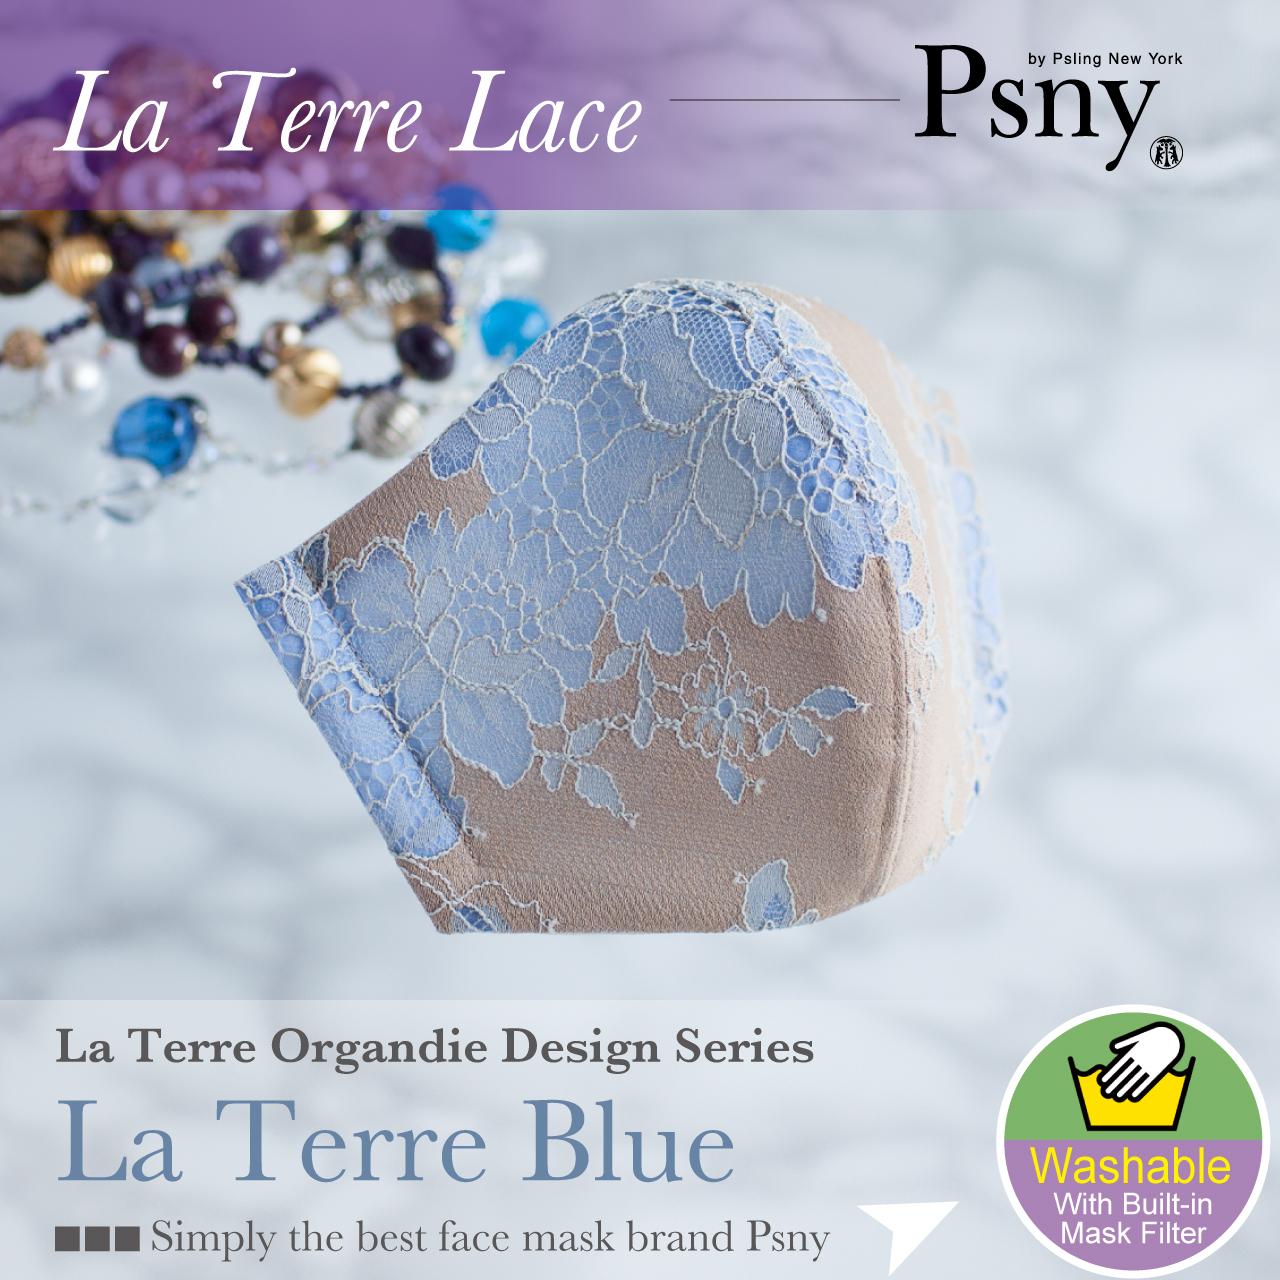 PSNY 送料無料 夏 レース ブルー・ベージュ 人気 美人 美しい 清潔感 花粉 黄砂 不織布フィルター入り 地球 立体 美しい 大人用 おとな ますく シルク・インナー マスク ラテール-LT1